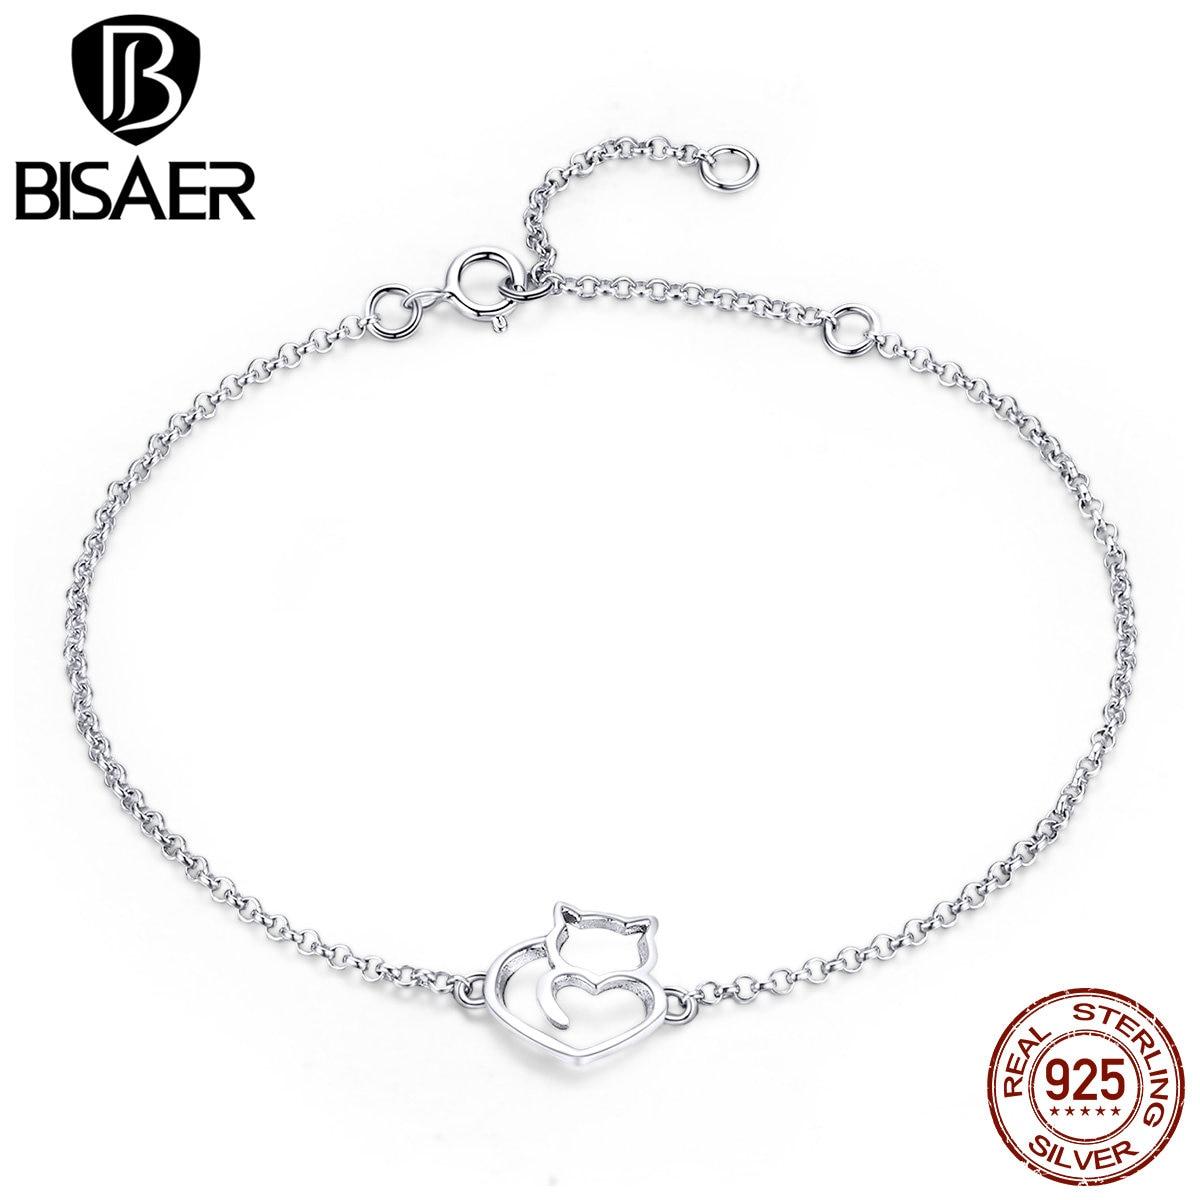 BISAER 925 Sterling Silber Kette Link Katze Einfache Tier Femme Armbänder Armreifen für Frauen Pulseira Silber 925 Schmuck ECB102